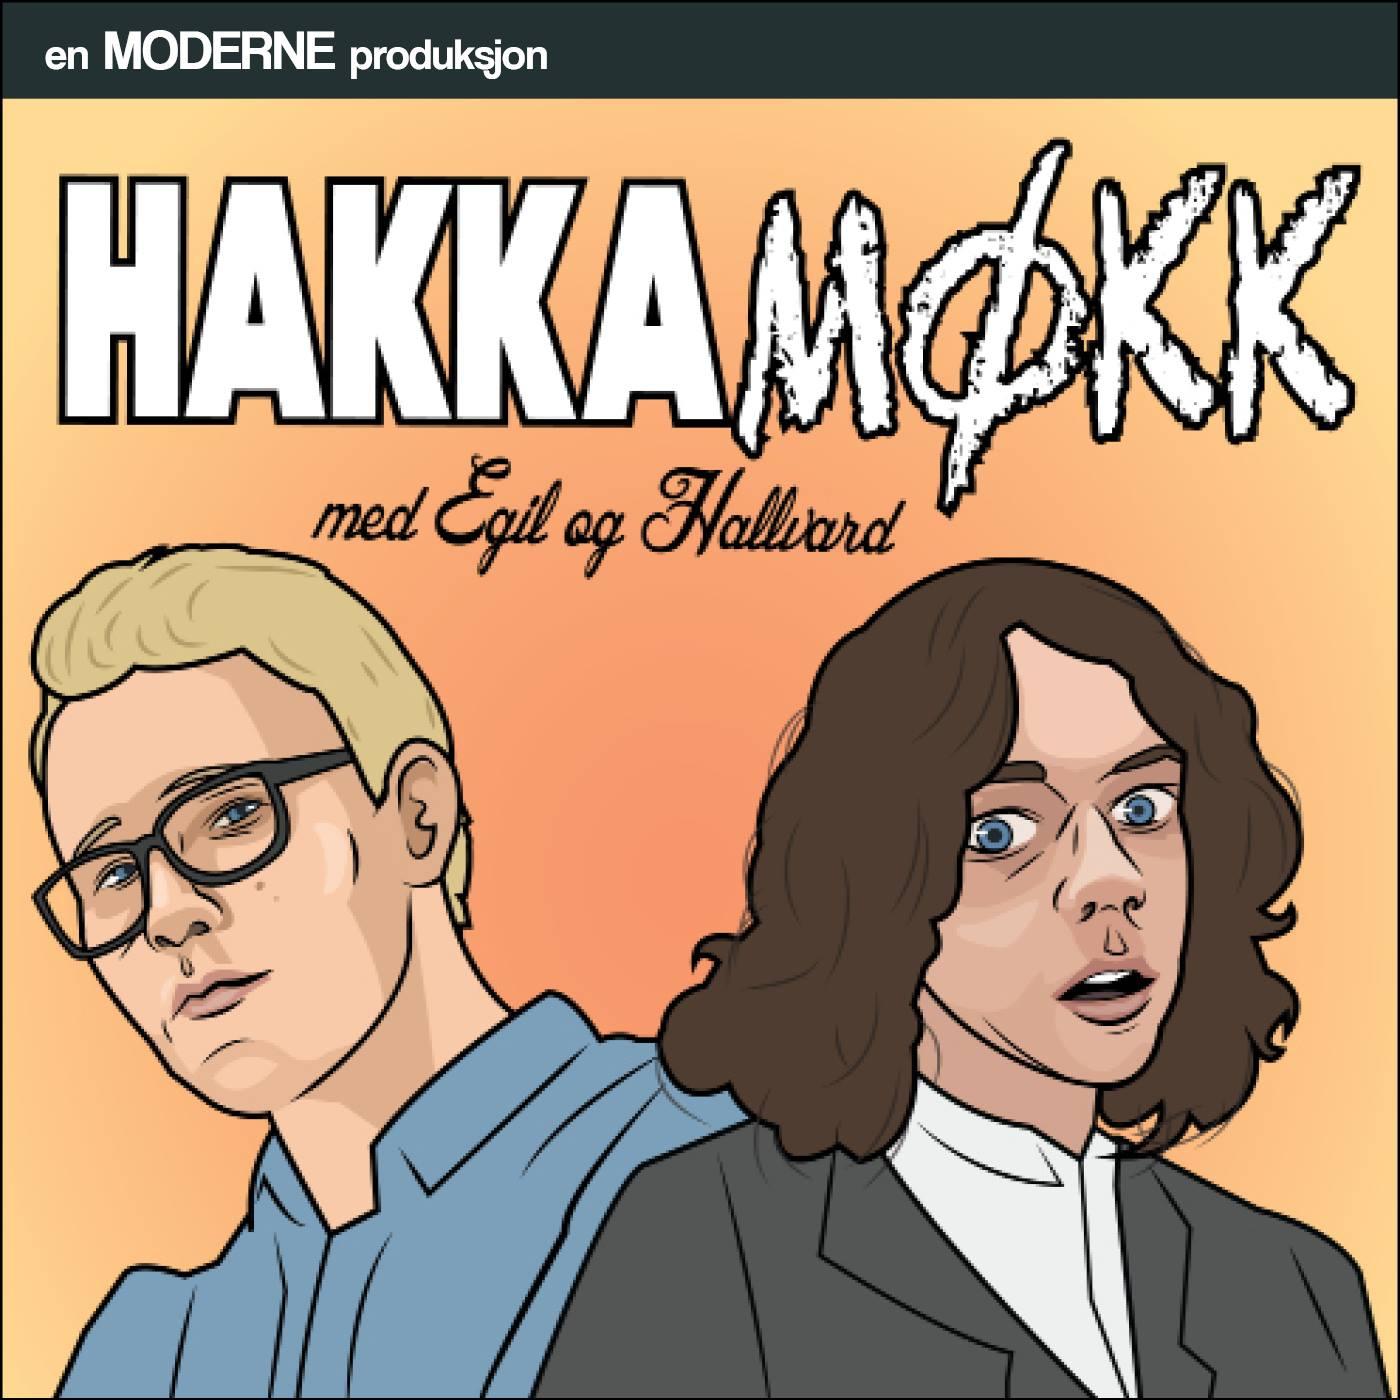 HAKKEMØKK